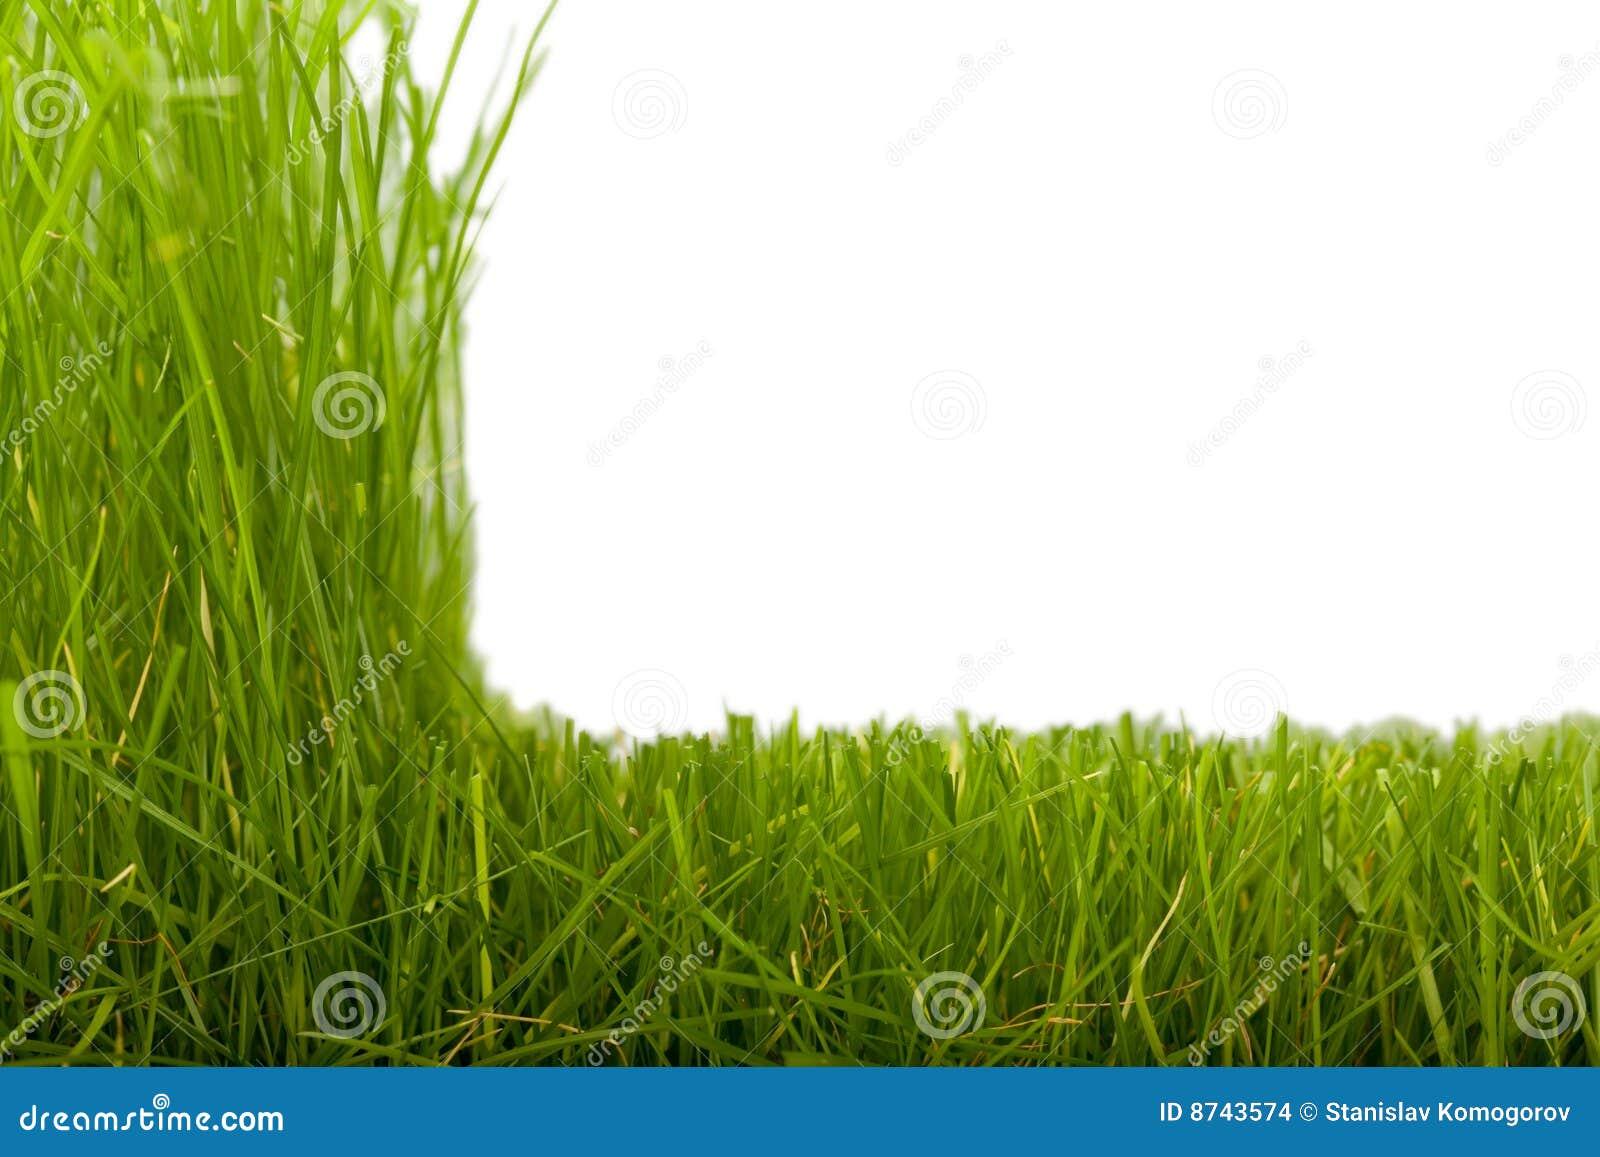 grass  u0026 cut grass stock images